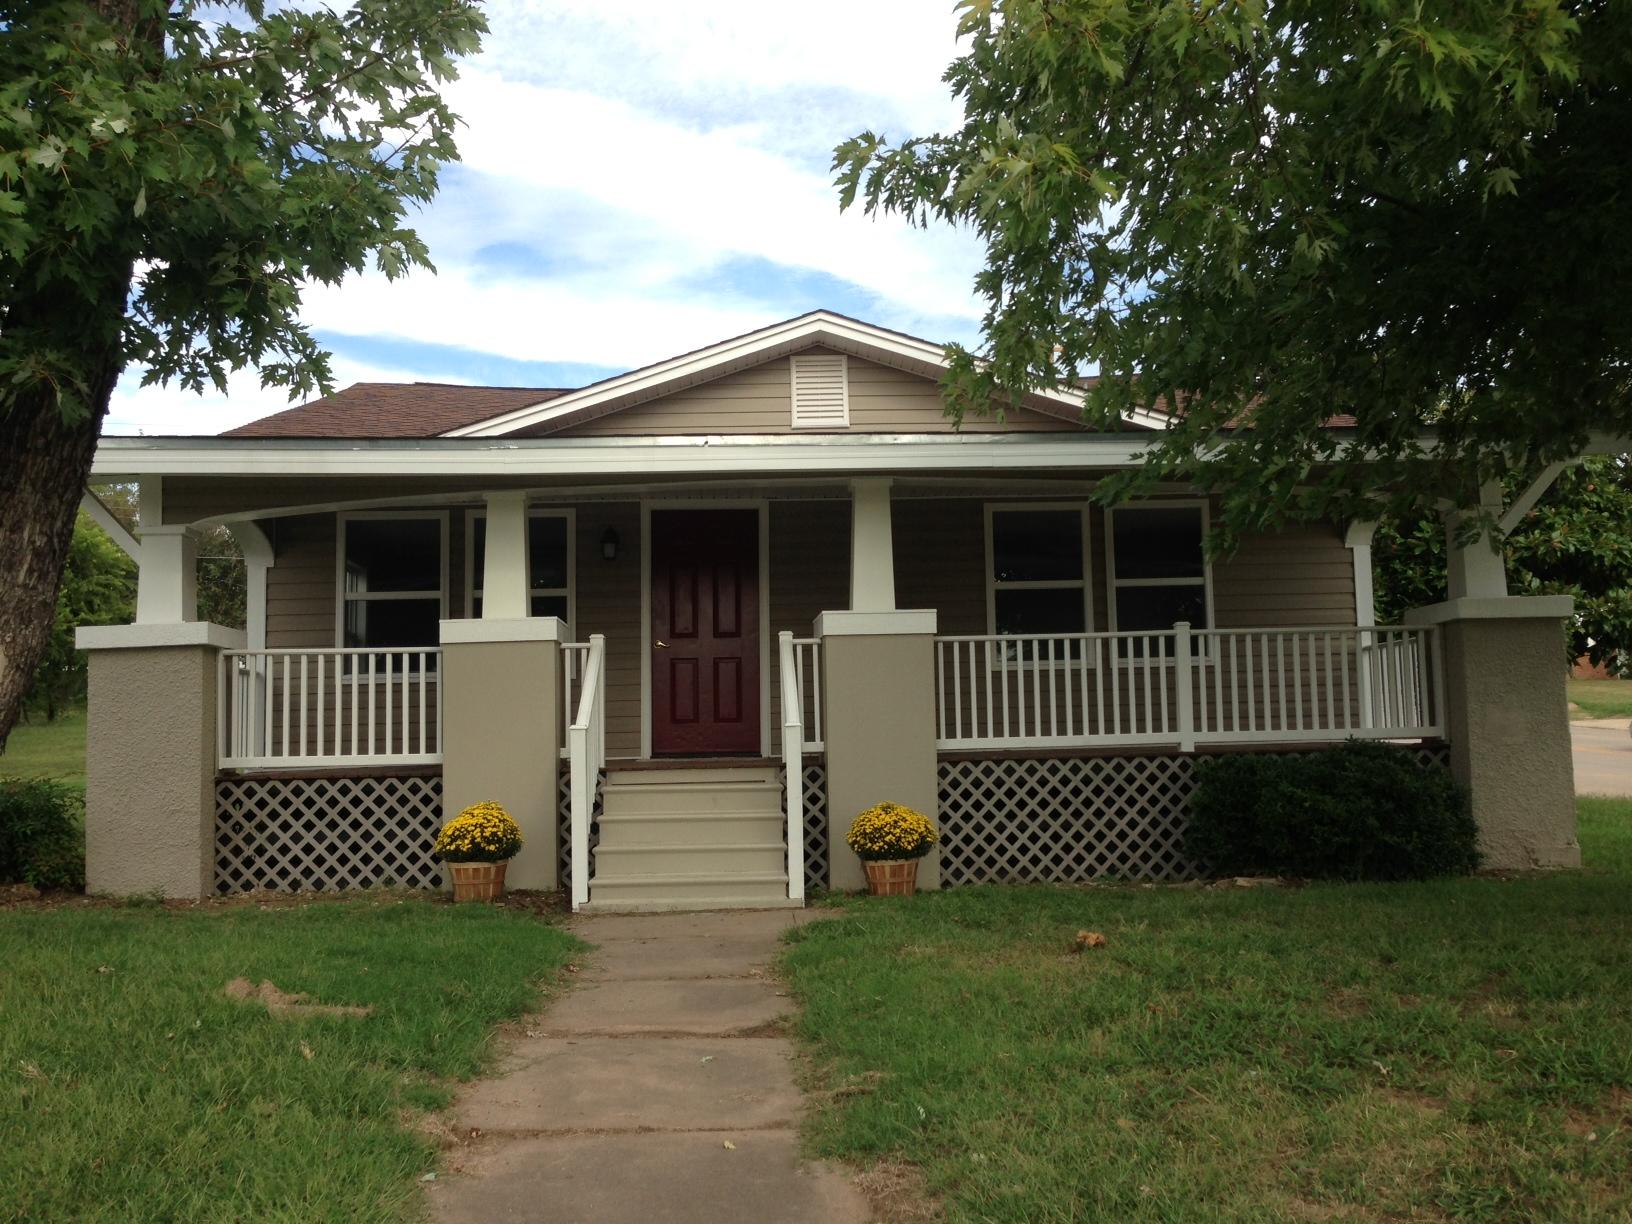 302 N D St, Yale, Oklahoma 74085